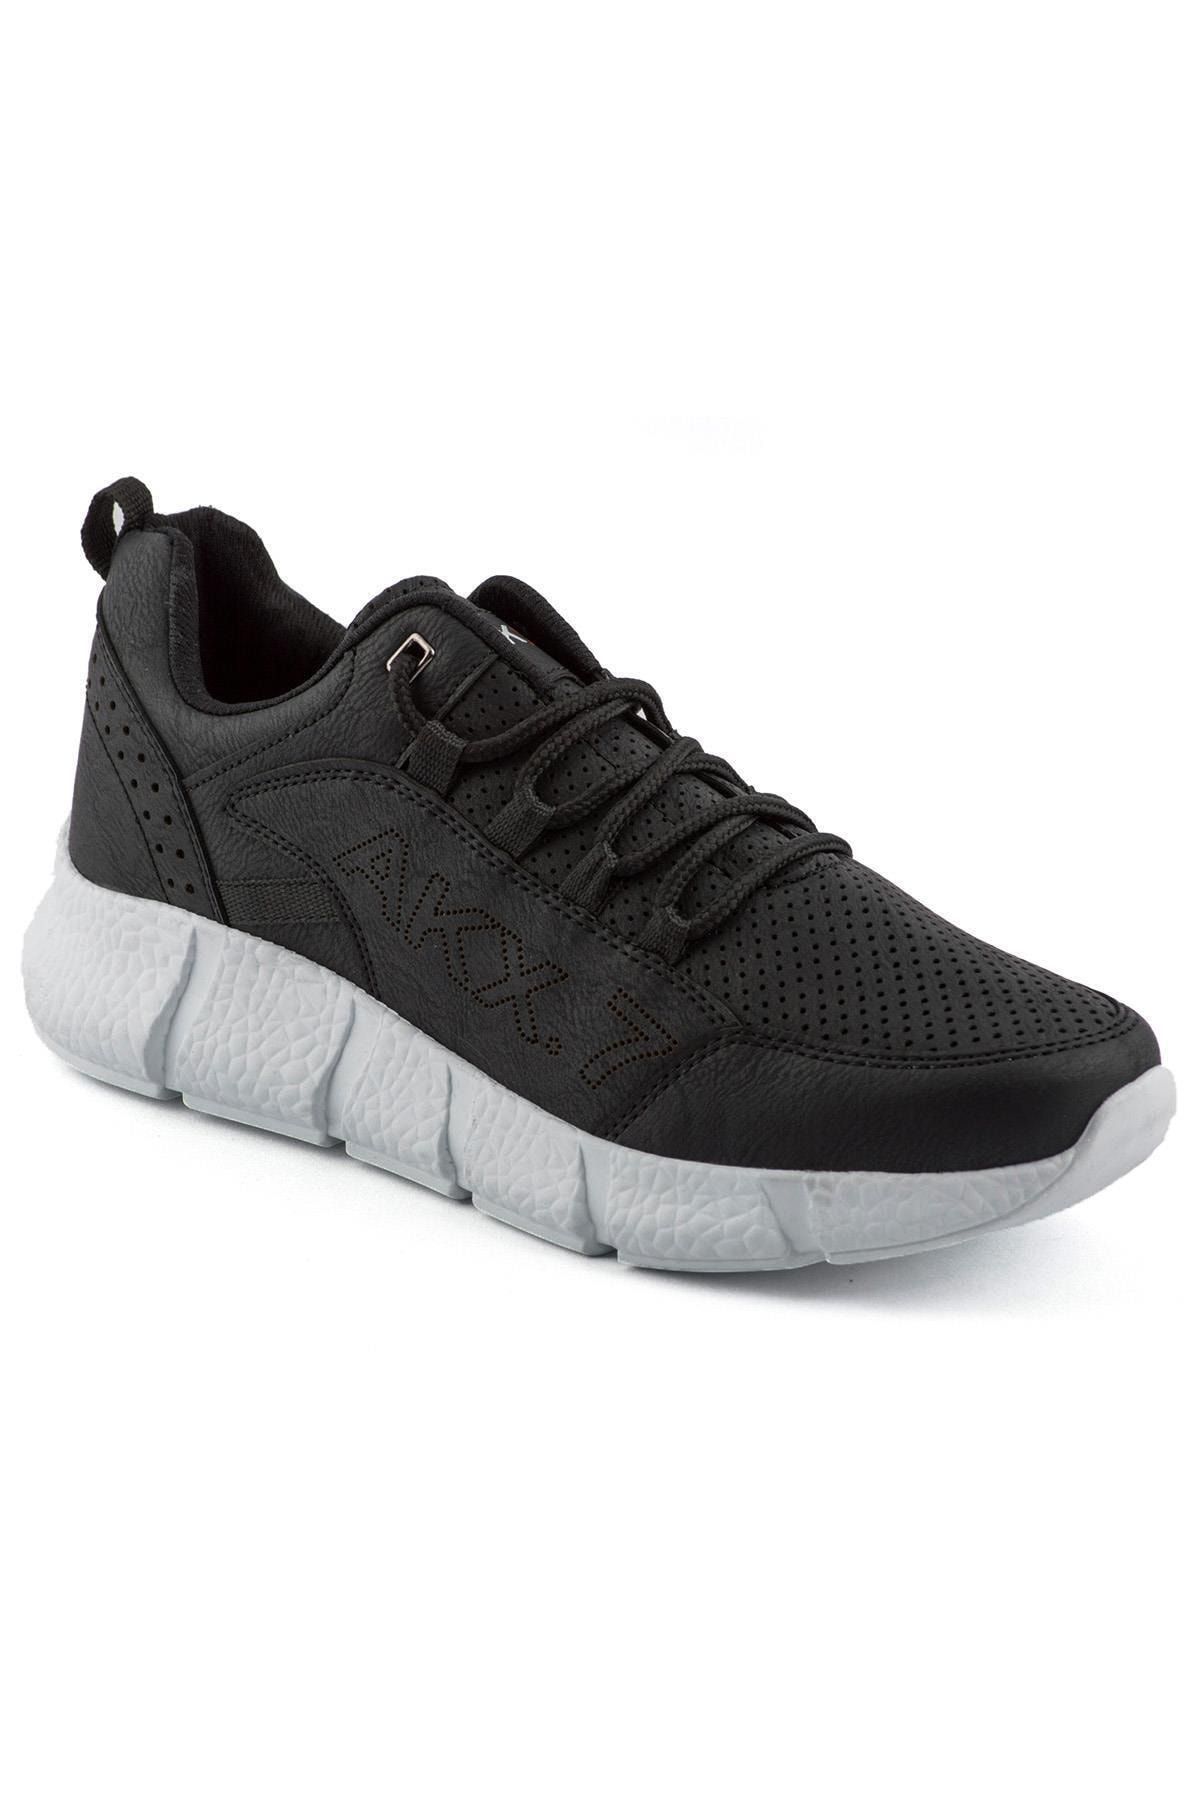 L.A Polo 021 Siyah Beyaz Erkek Spor Ayakkabı 1